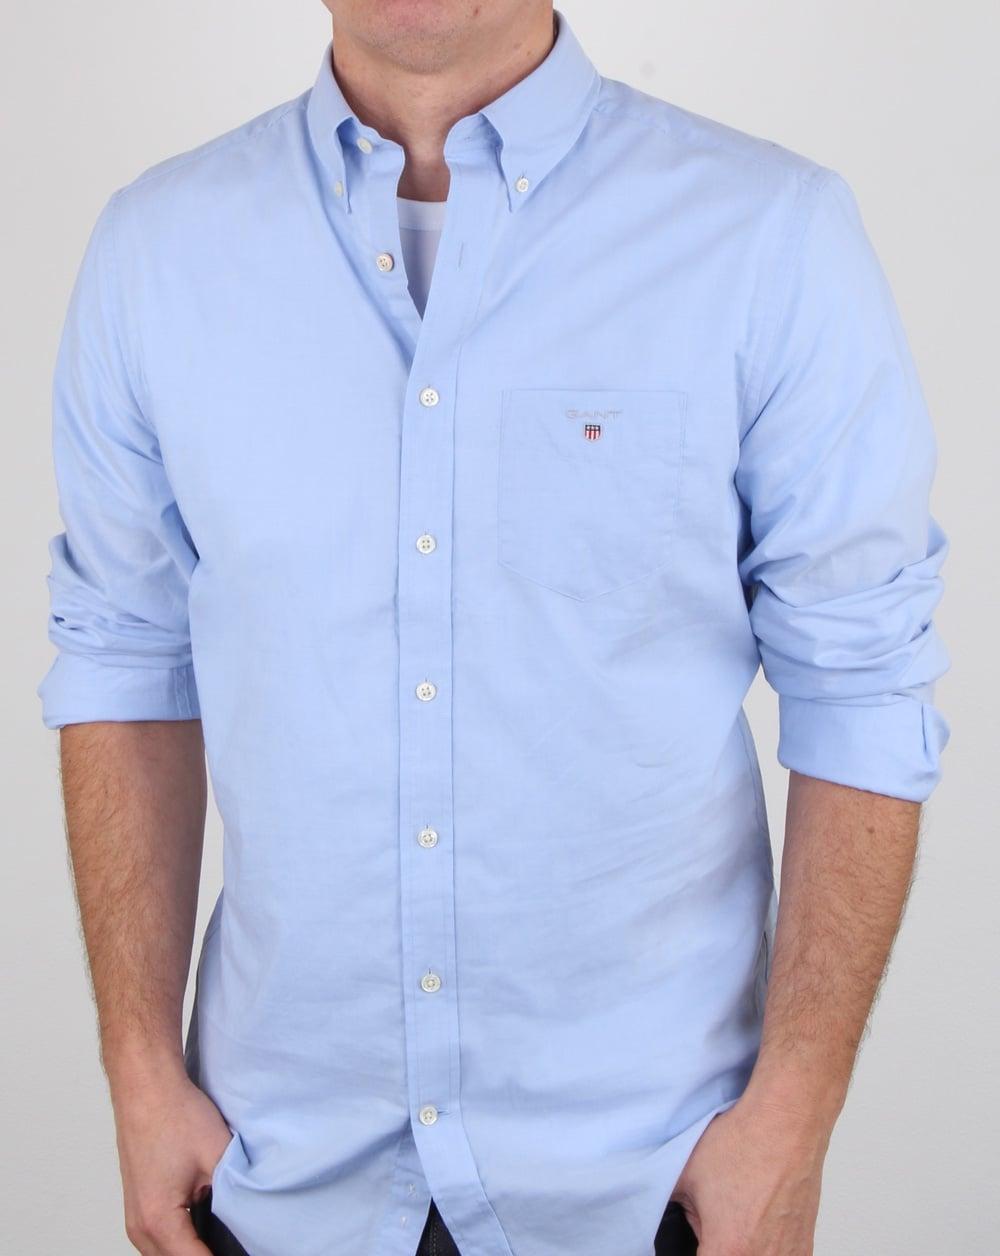 b07f0ea1c03 Gant Broadcloth Shirt Hamptons Blue. Button Collar | 80s casual classics